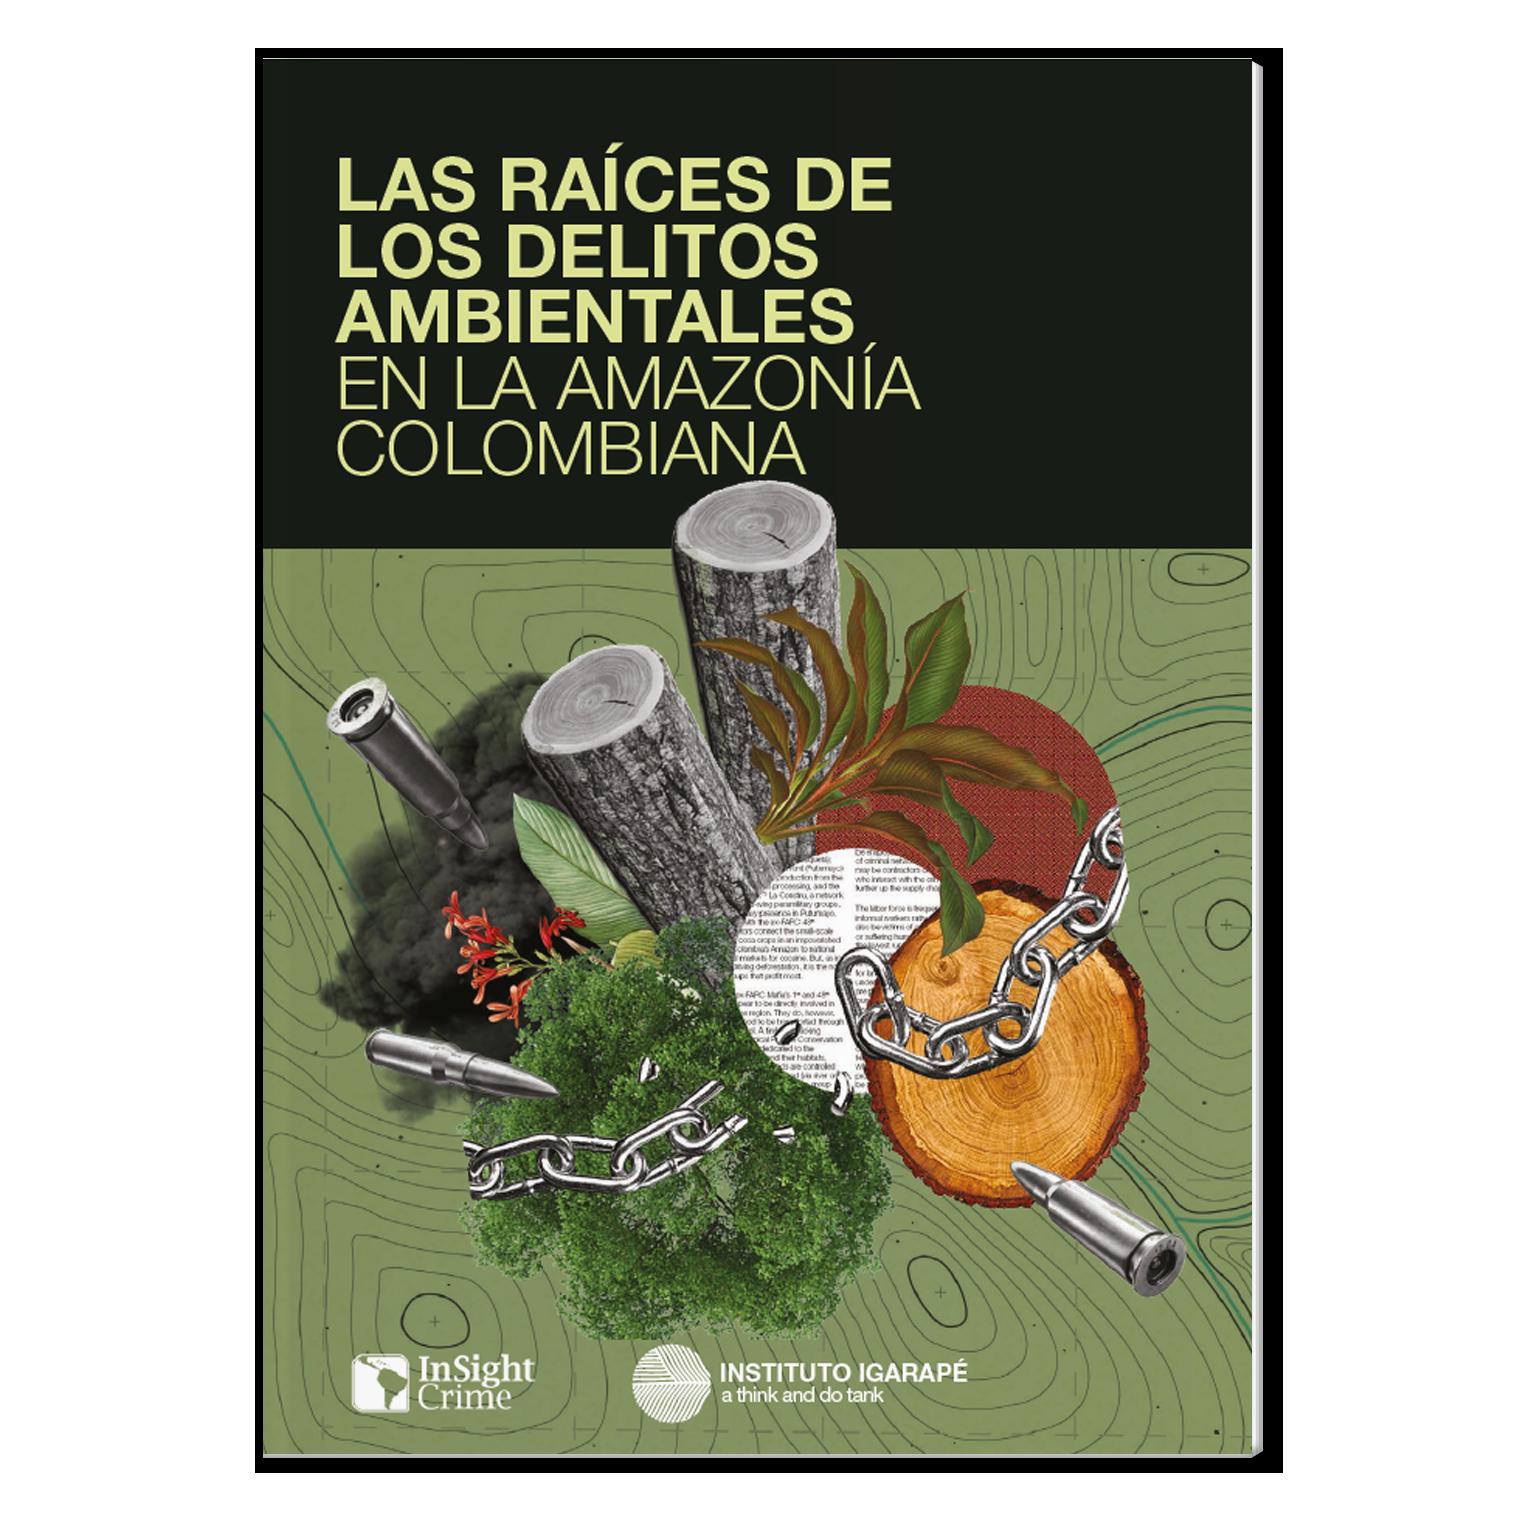 Las raíces de los delitos ambientales en la Amazonia Colombiana